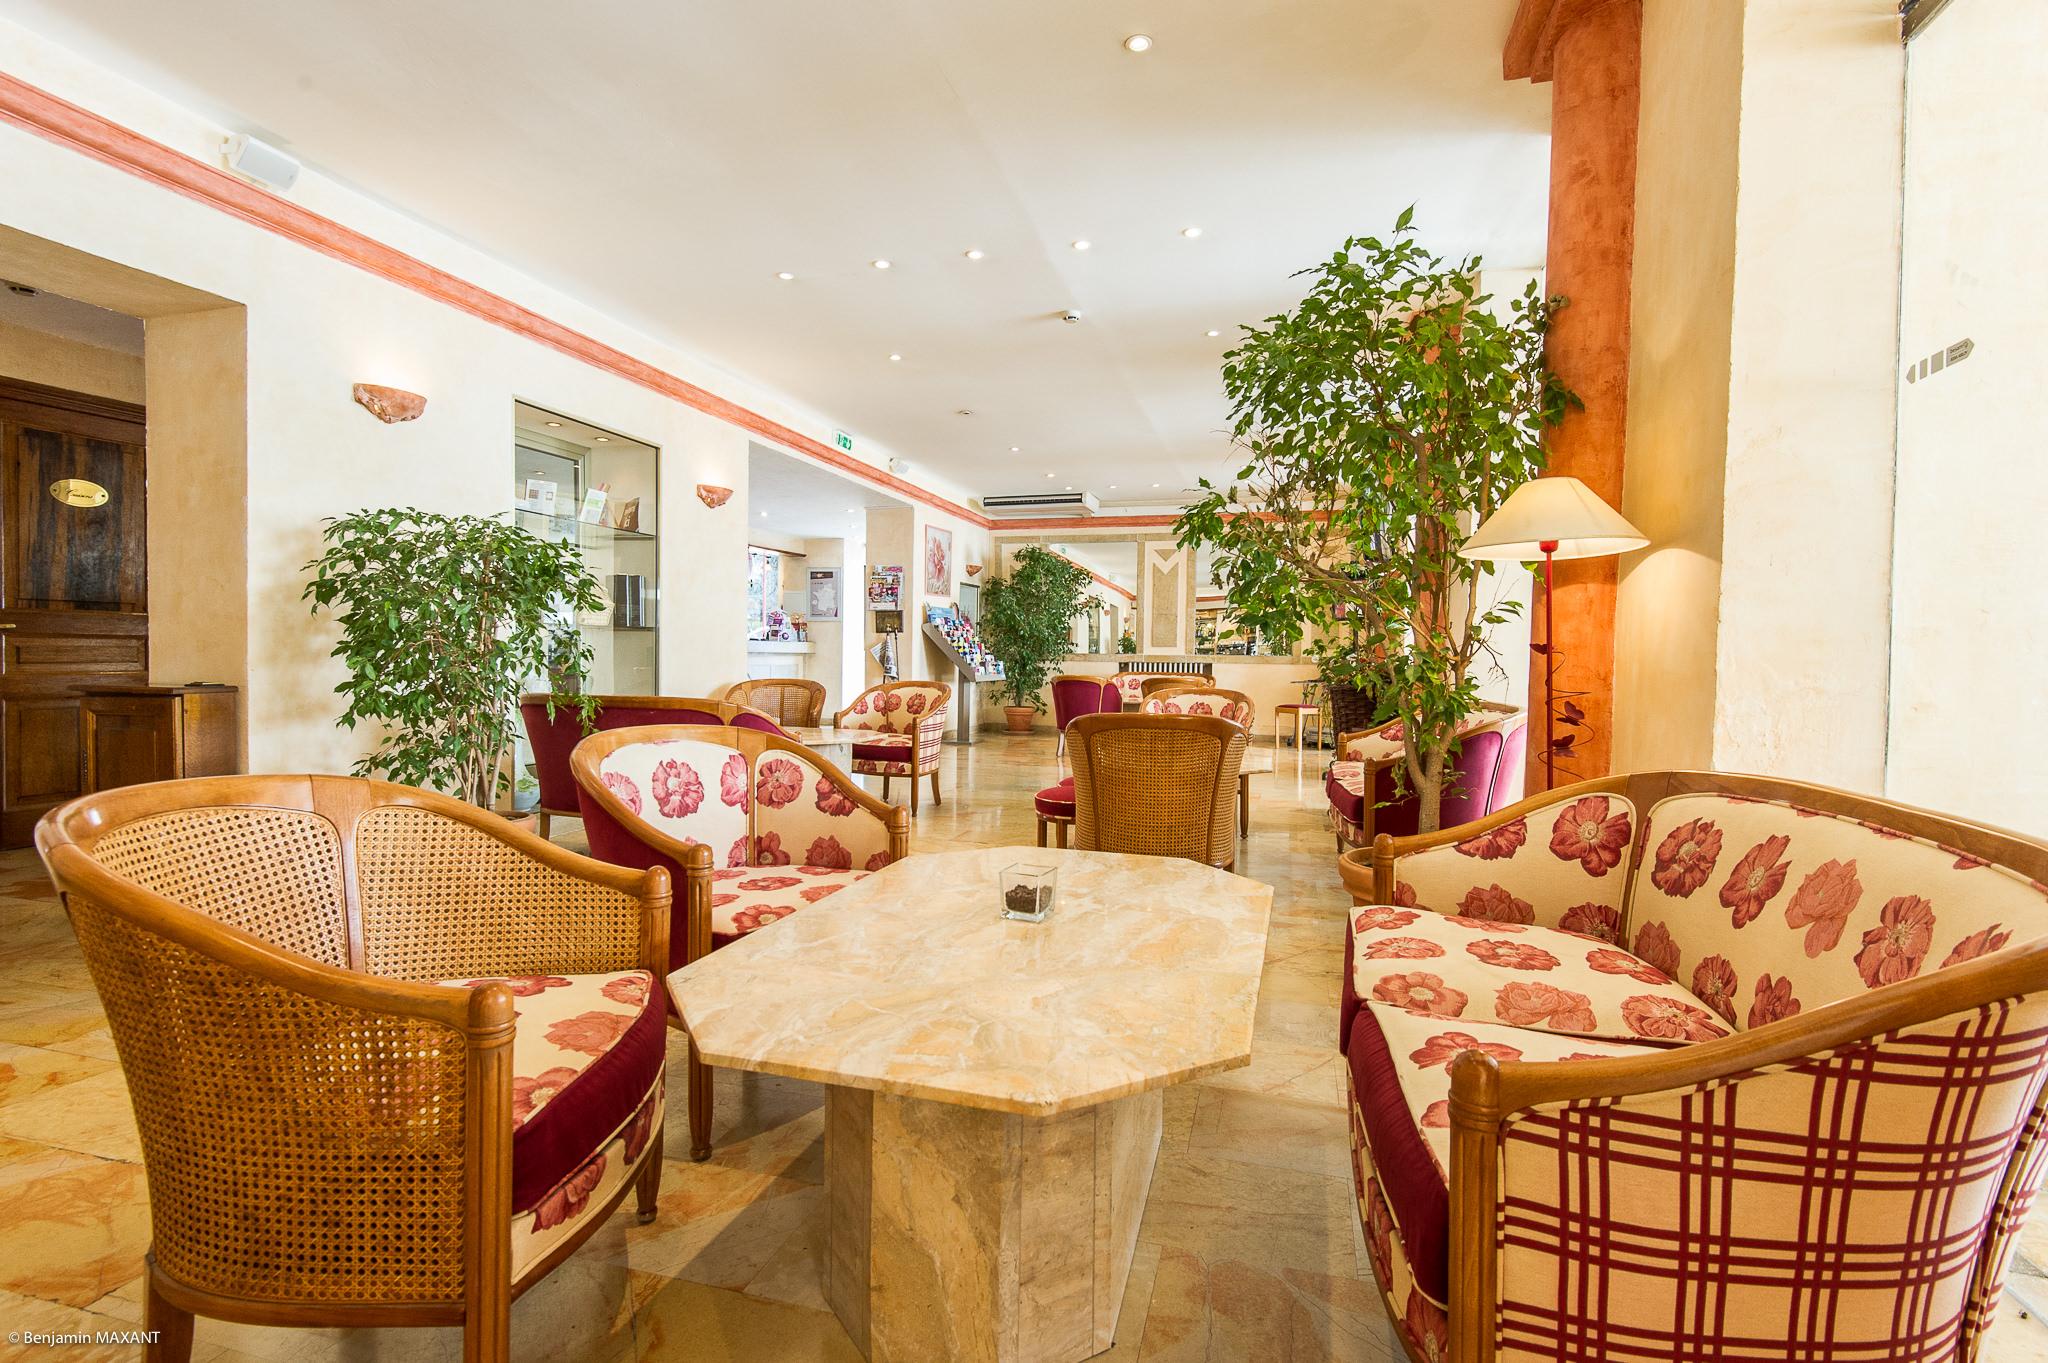 Reportage photo immobilier - Hotel Les orangers à Cannes - salon